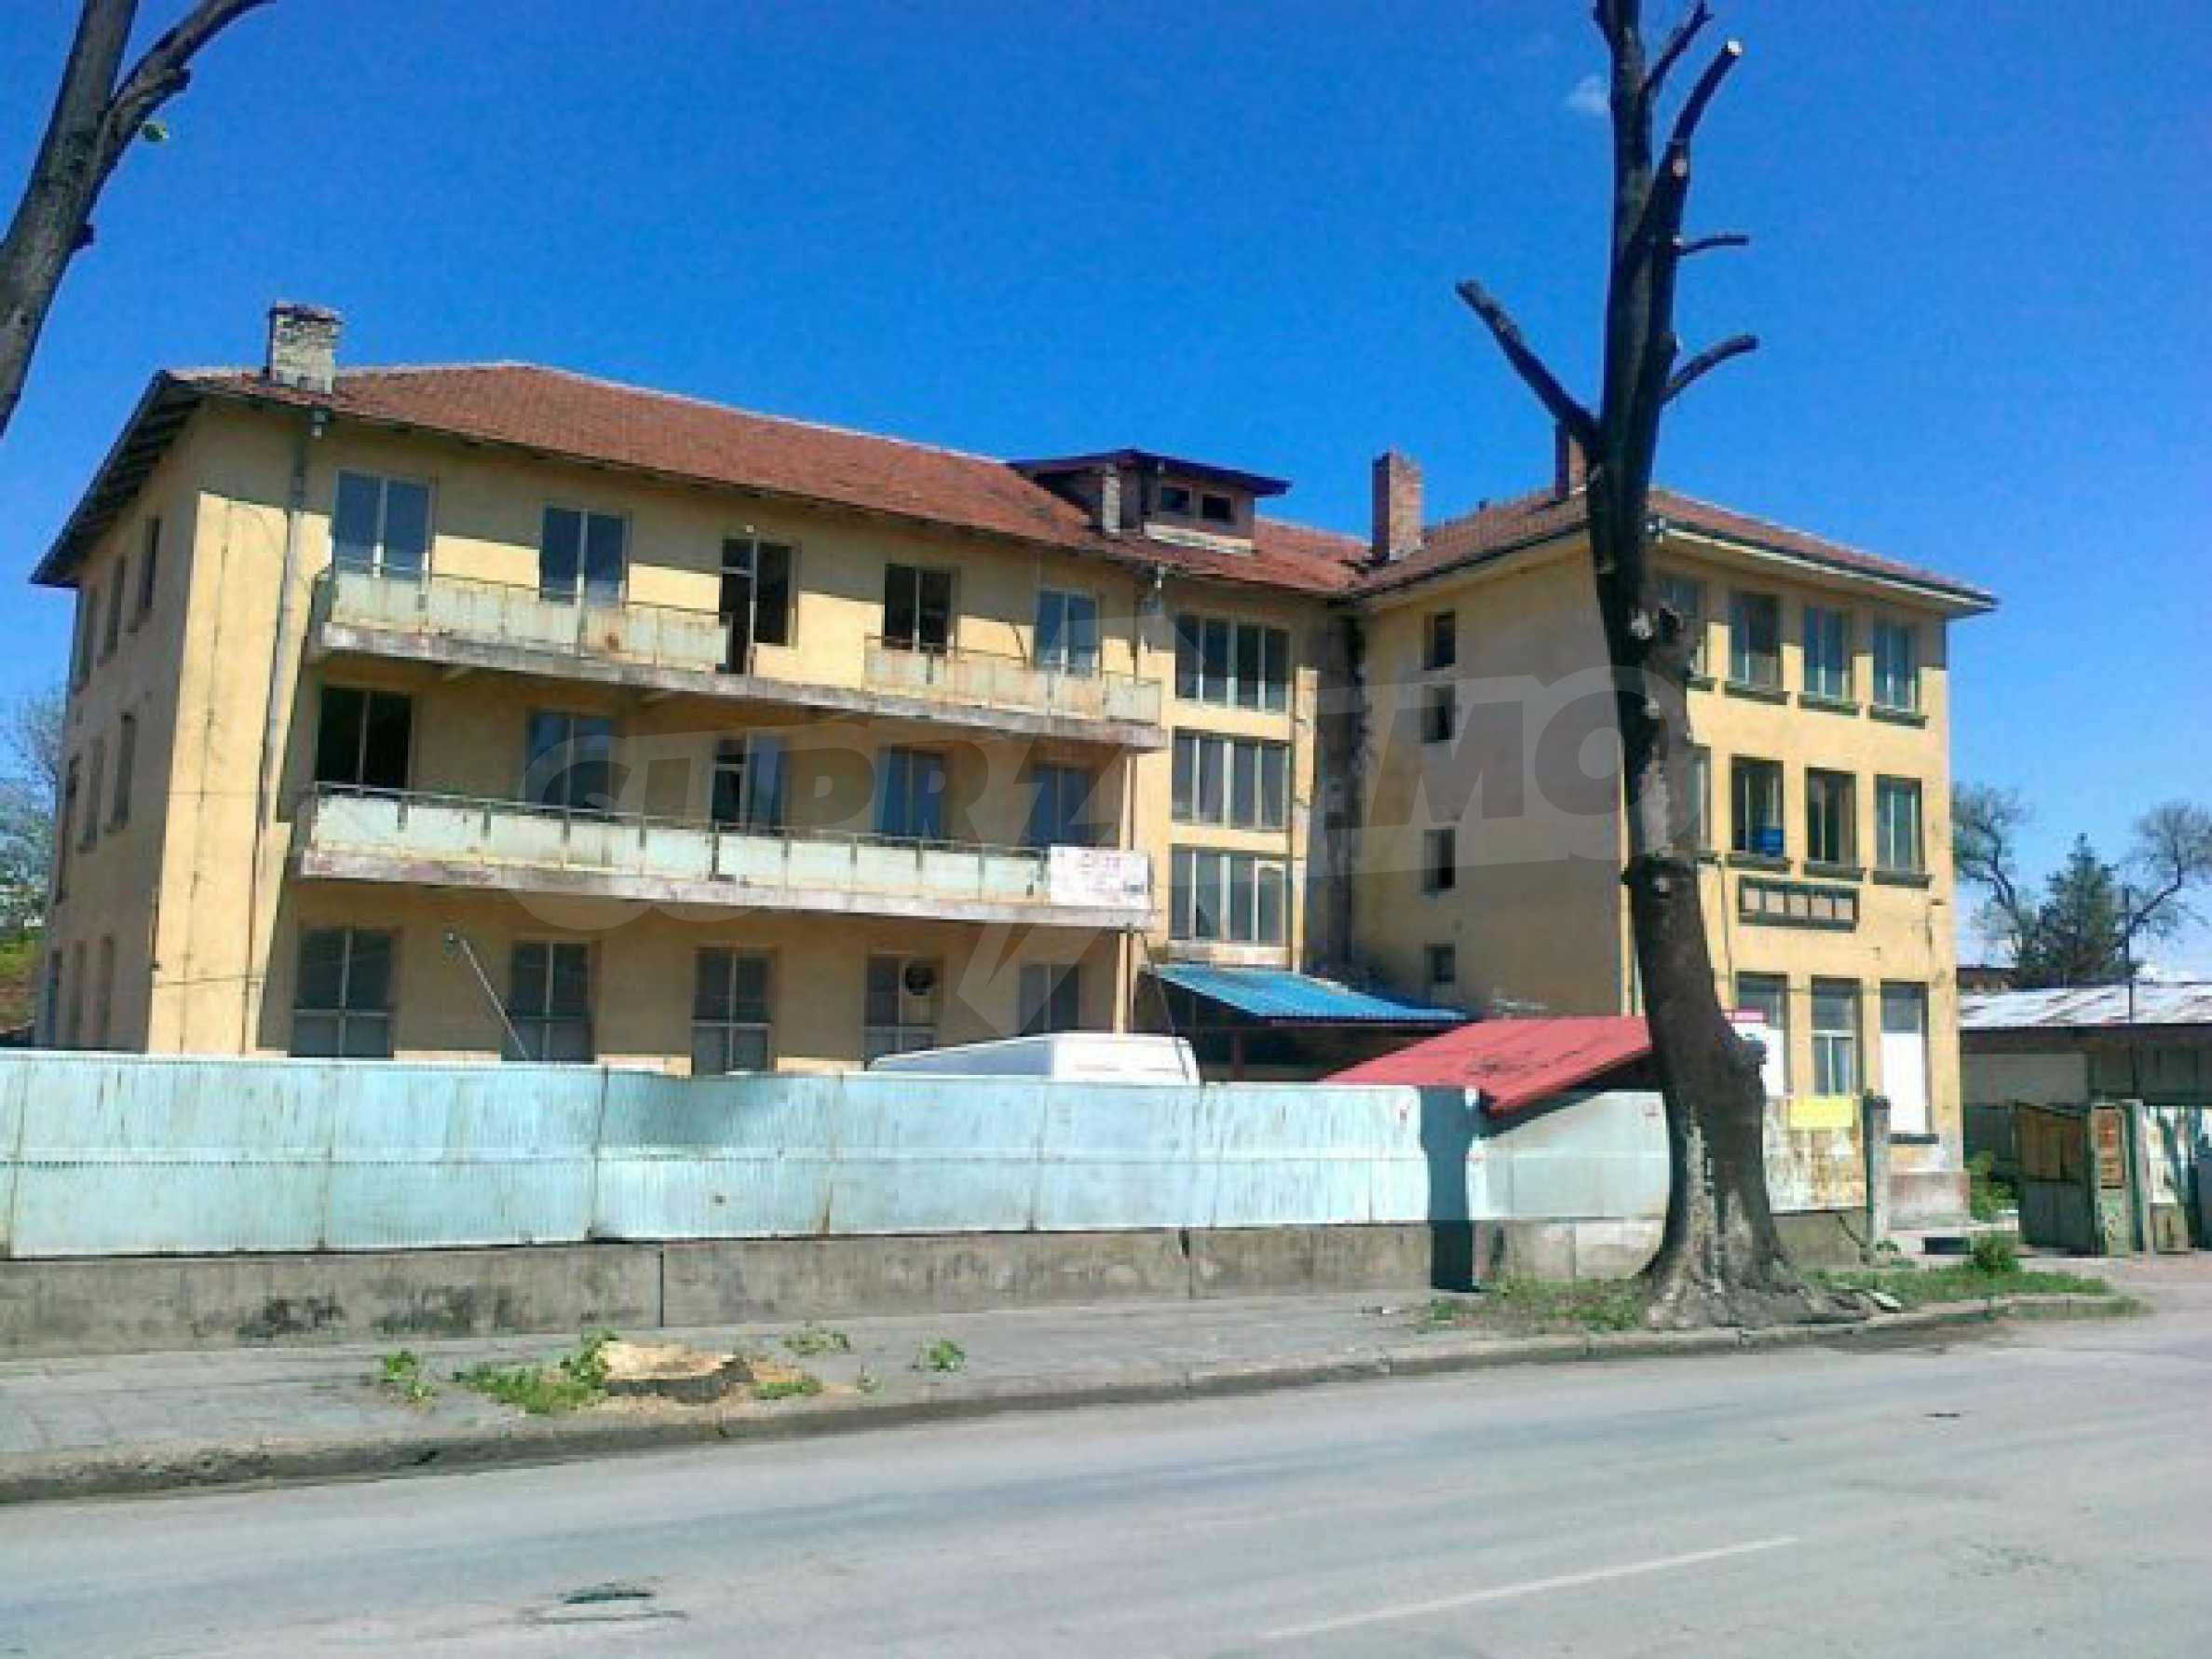 Massives dreistöckiges Lagerhaus in einer Stadt 40 km von Veliko Tarnovo entfernt 7